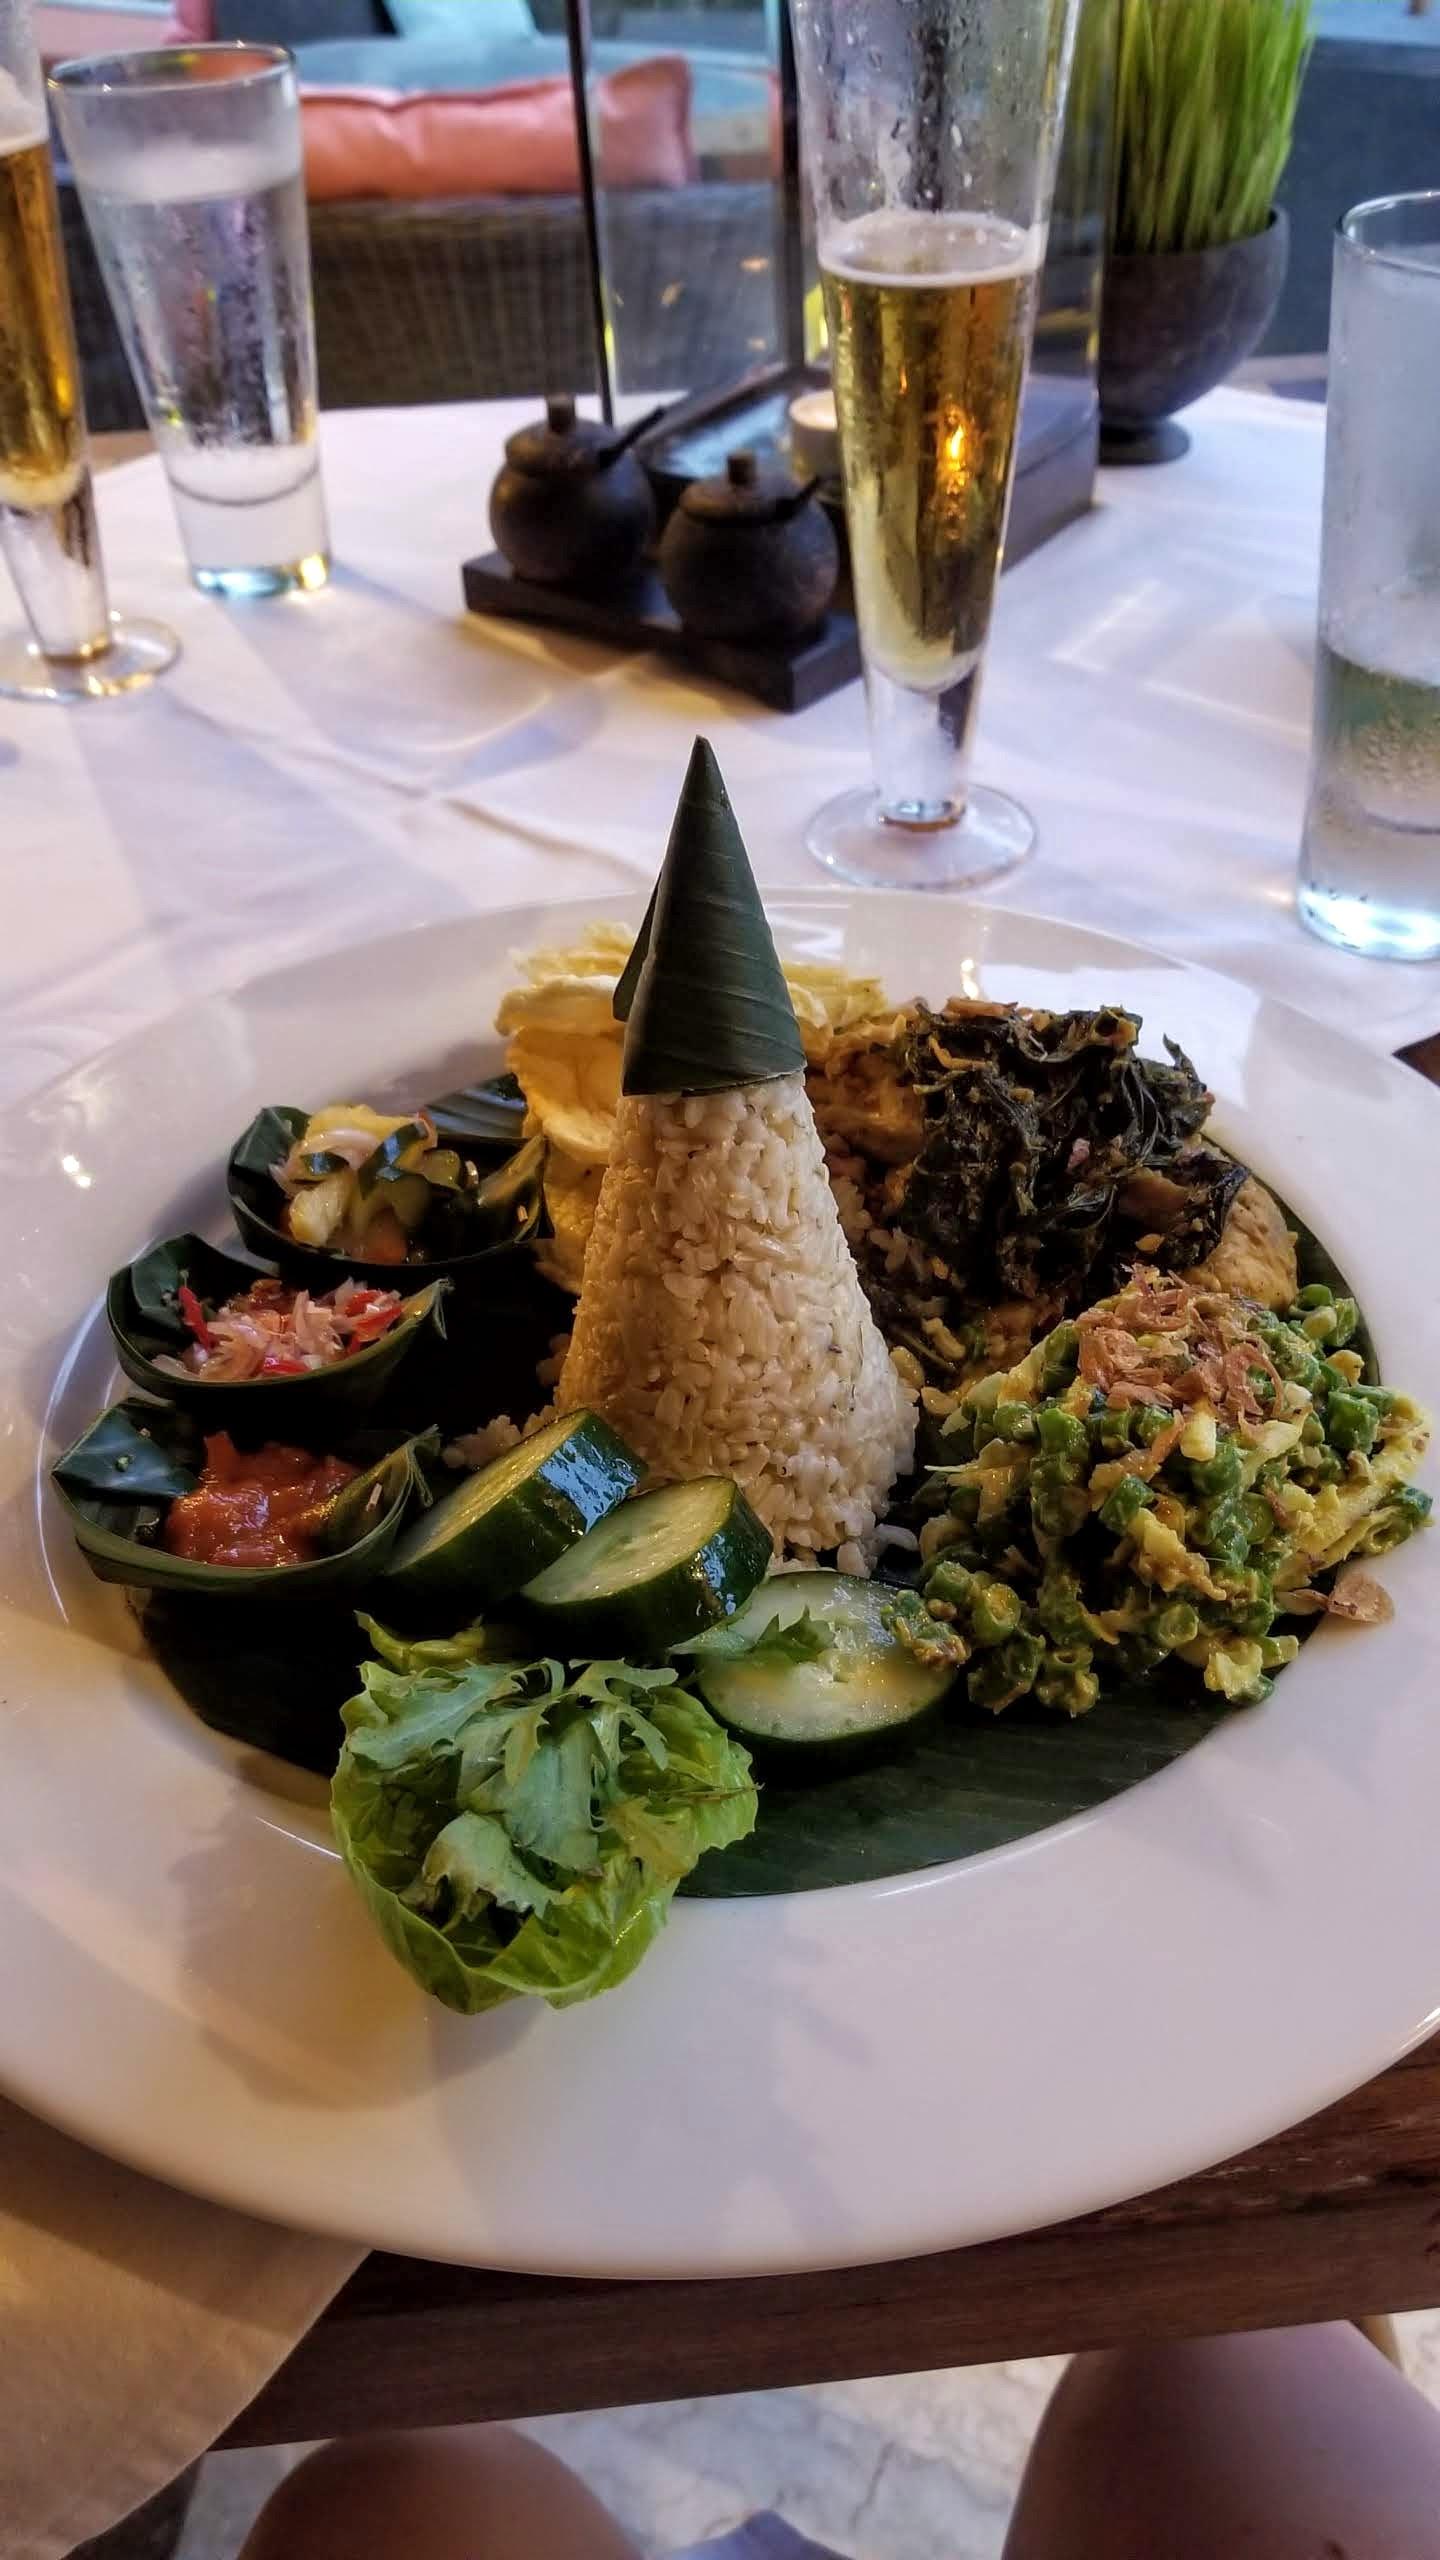 Chicken dish served with Balinese sambals, rice, and veggies